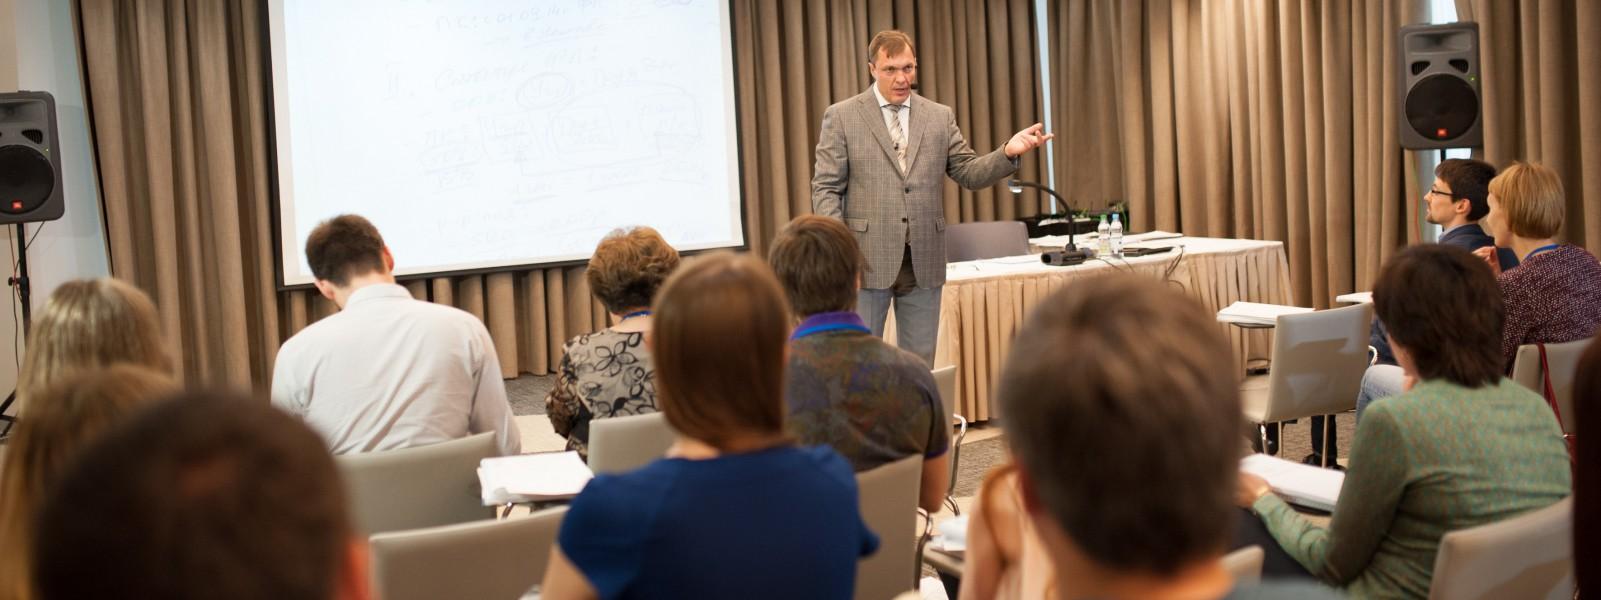 15-16 июня в Москве состоялся очередной семинар Владимира Турова по оптимизации налогообложения